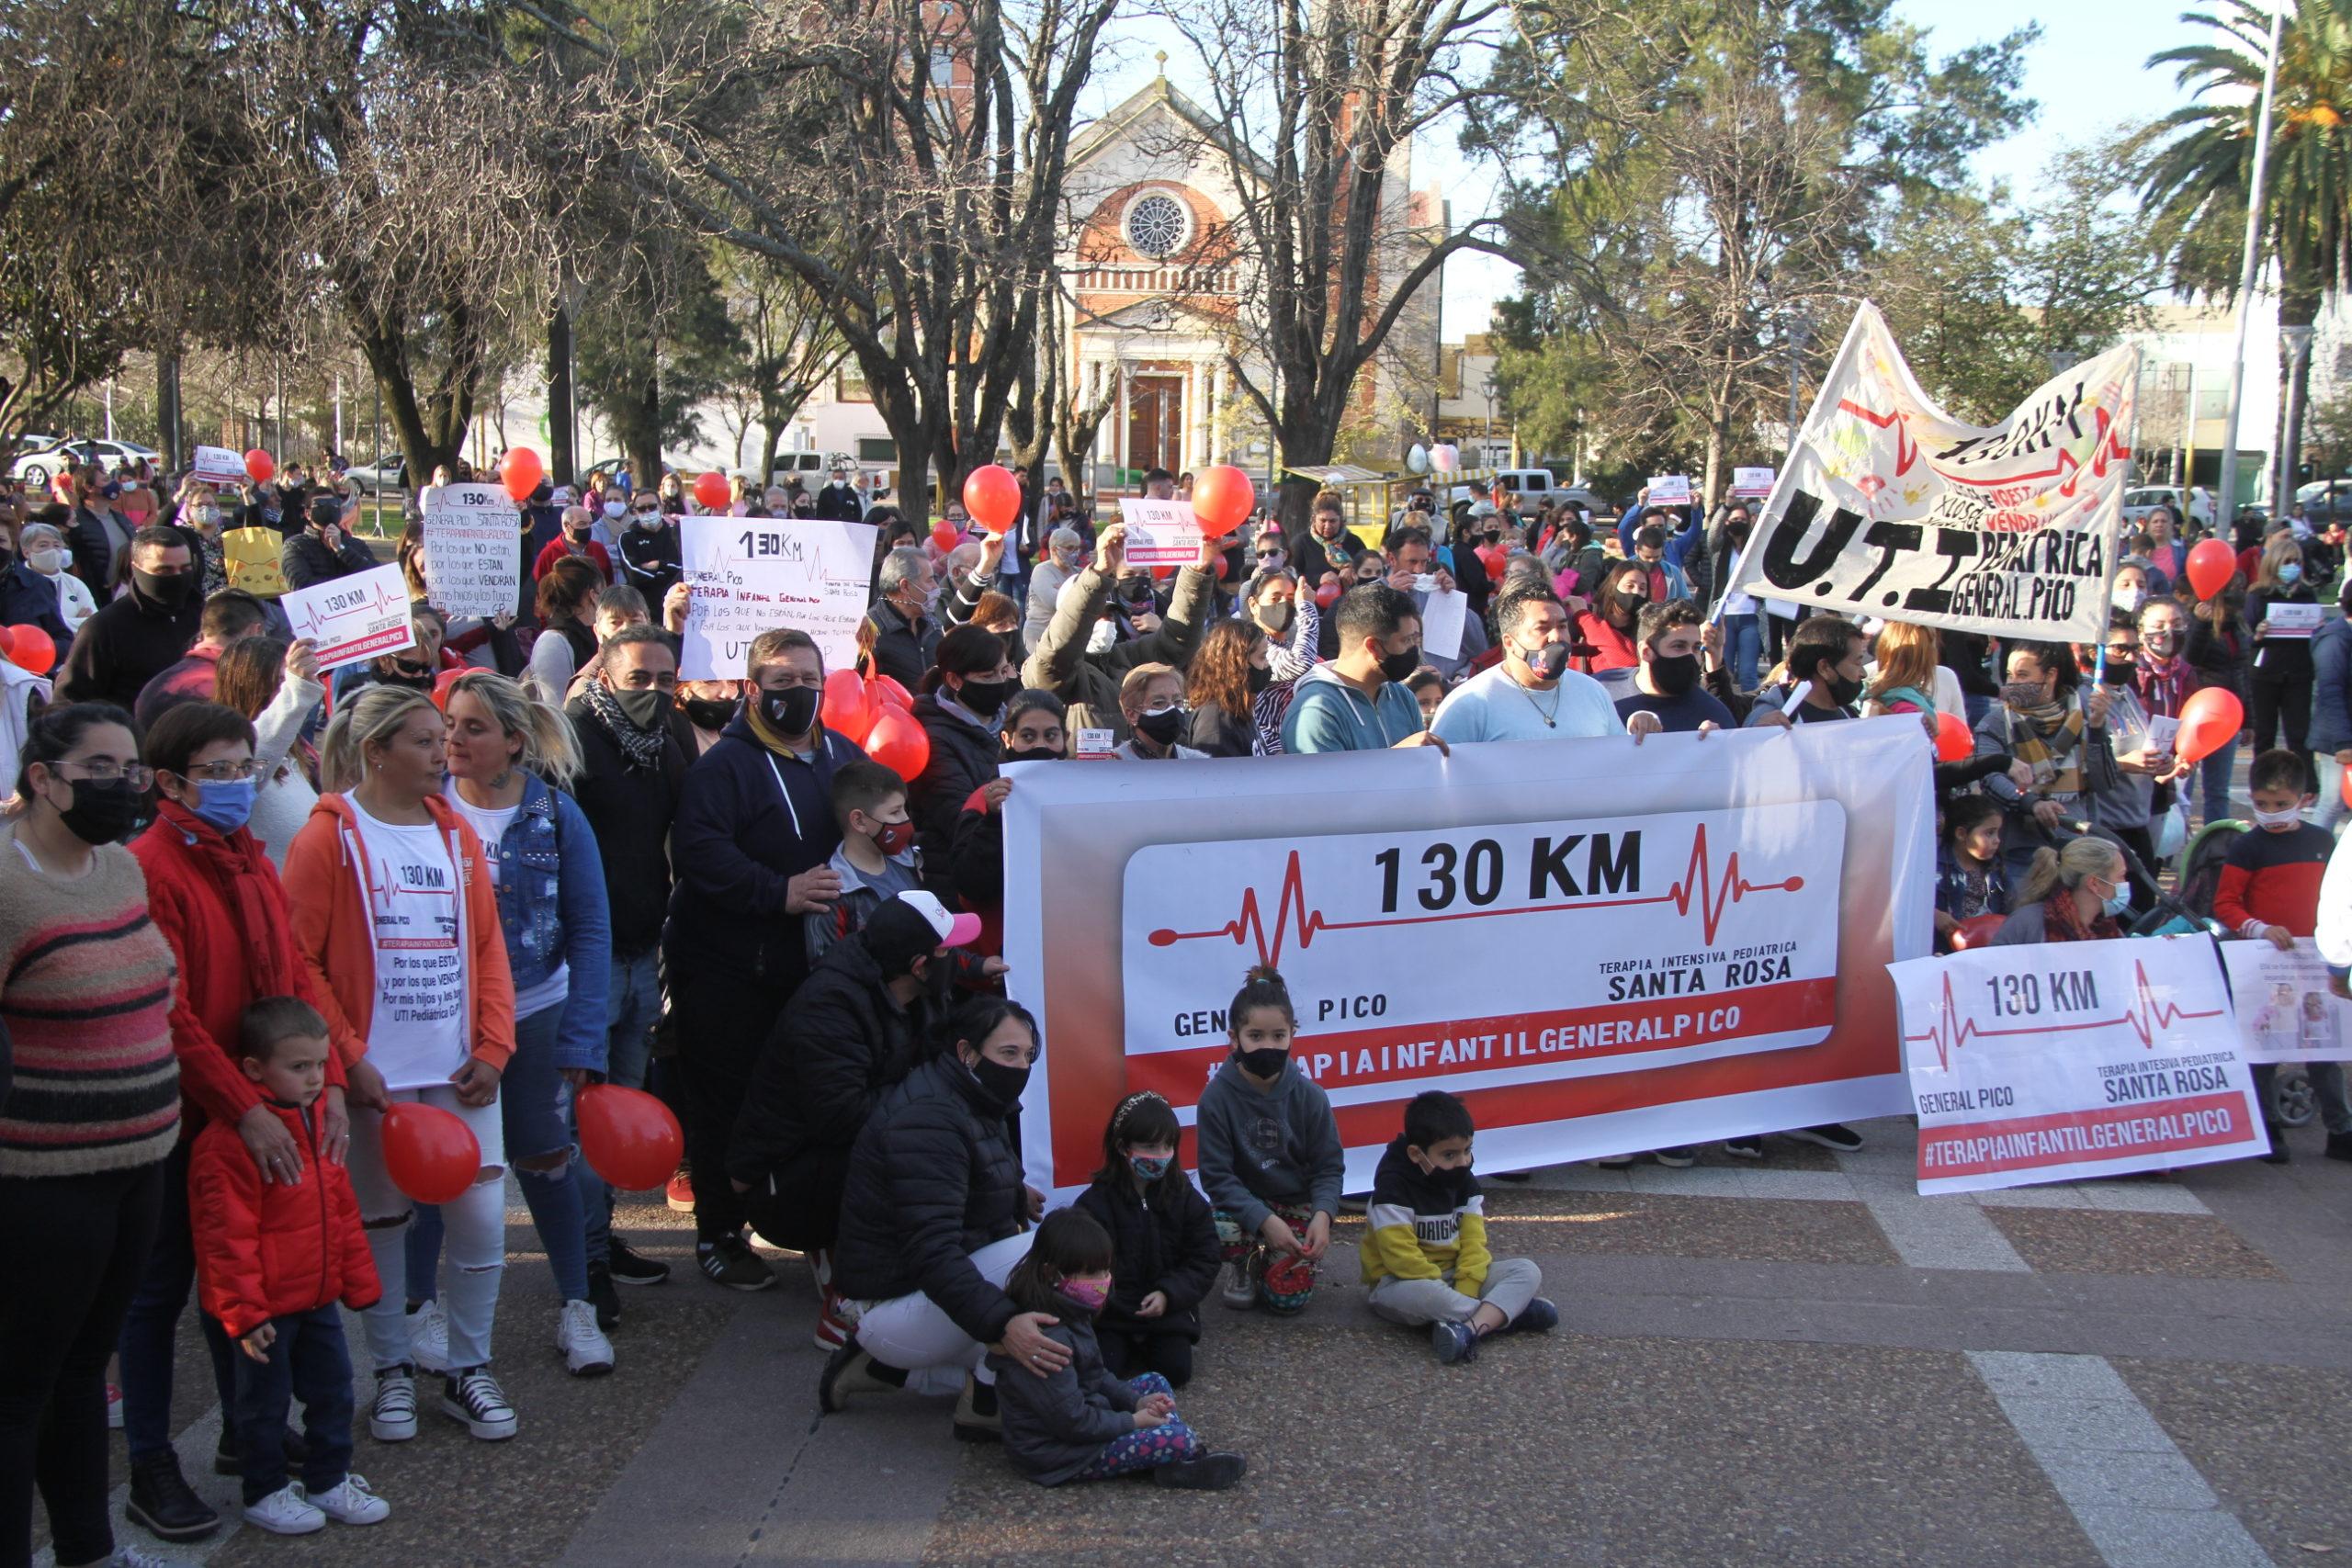 """Cientos de vecinos piquenses se movilizaron en la plaza San Martín para pedir por la UTI pediátrica: """"Queremos una solución ya"""""""